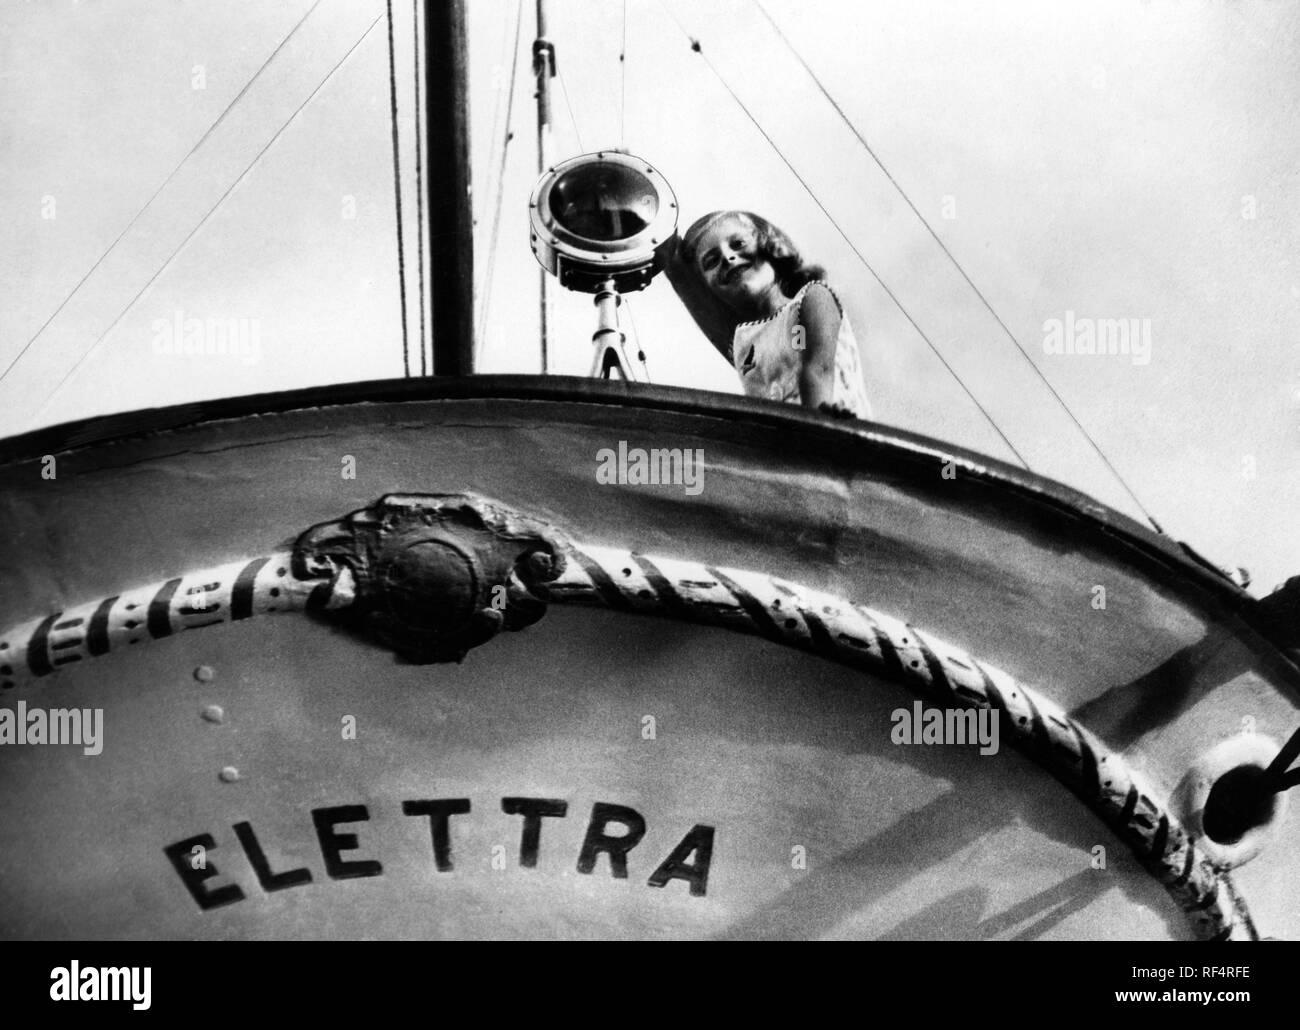 elettra marconi, 1936 Stock Photo